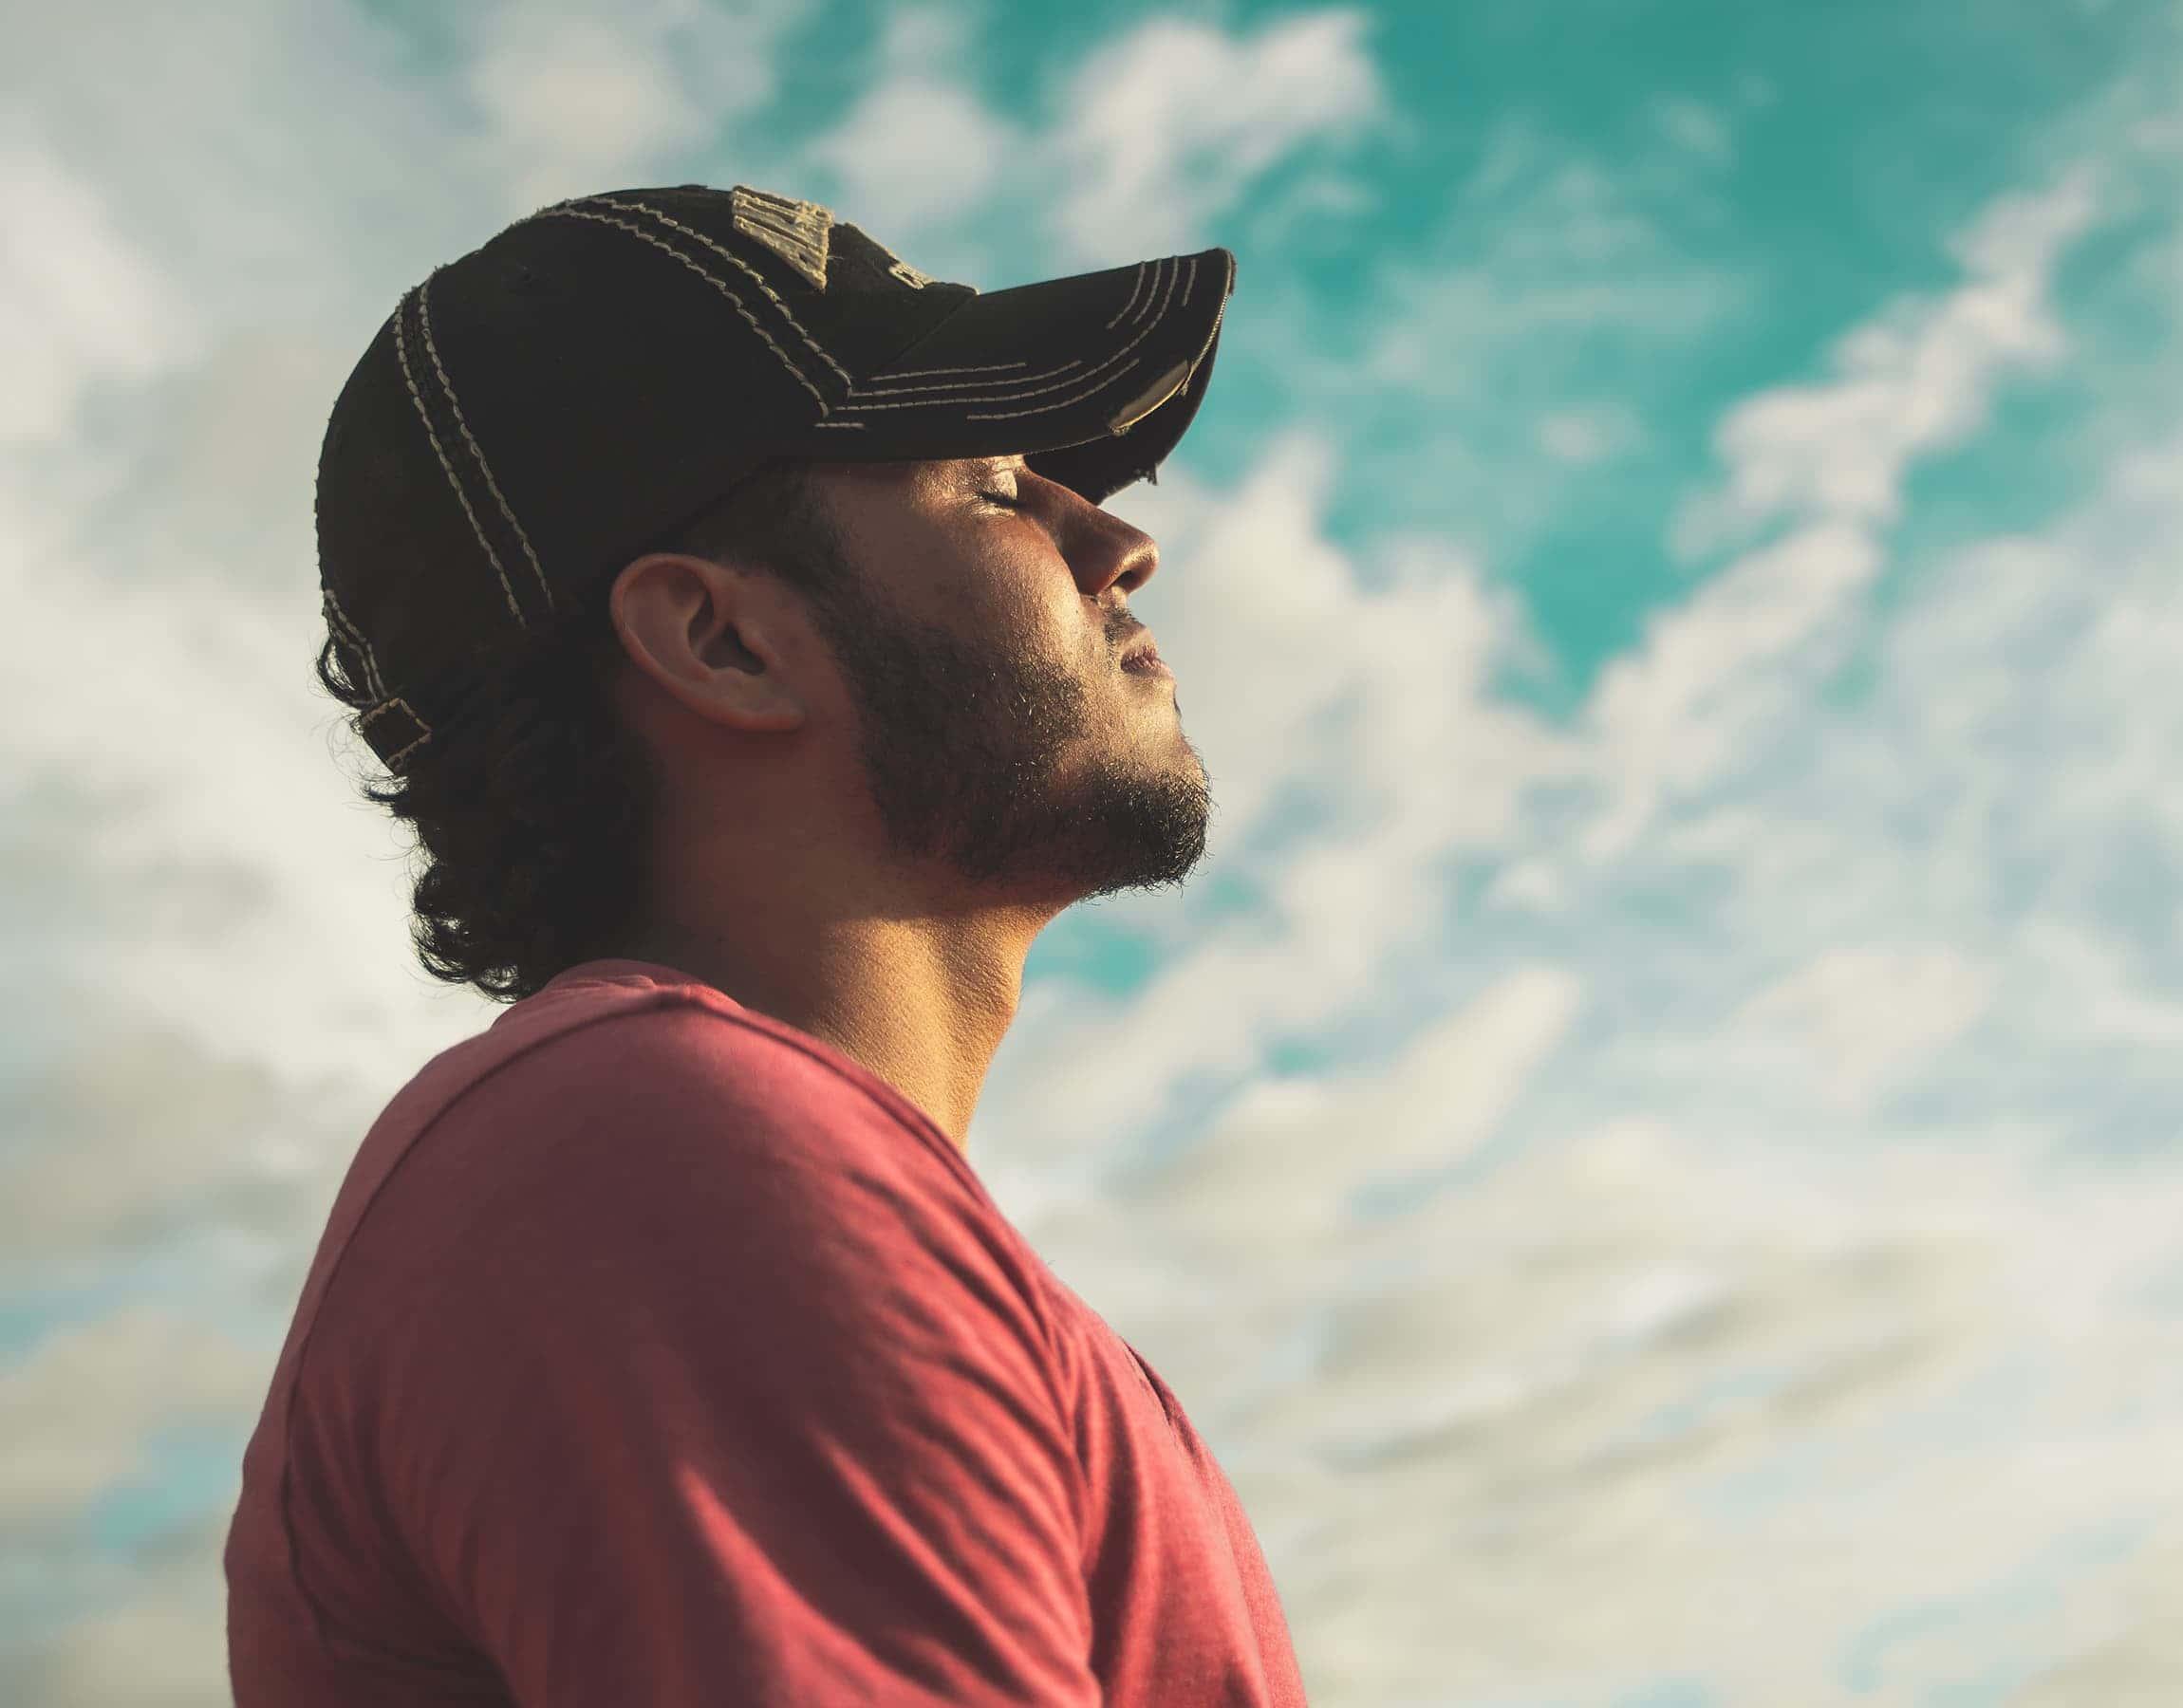 Uomo con cappello che pensa